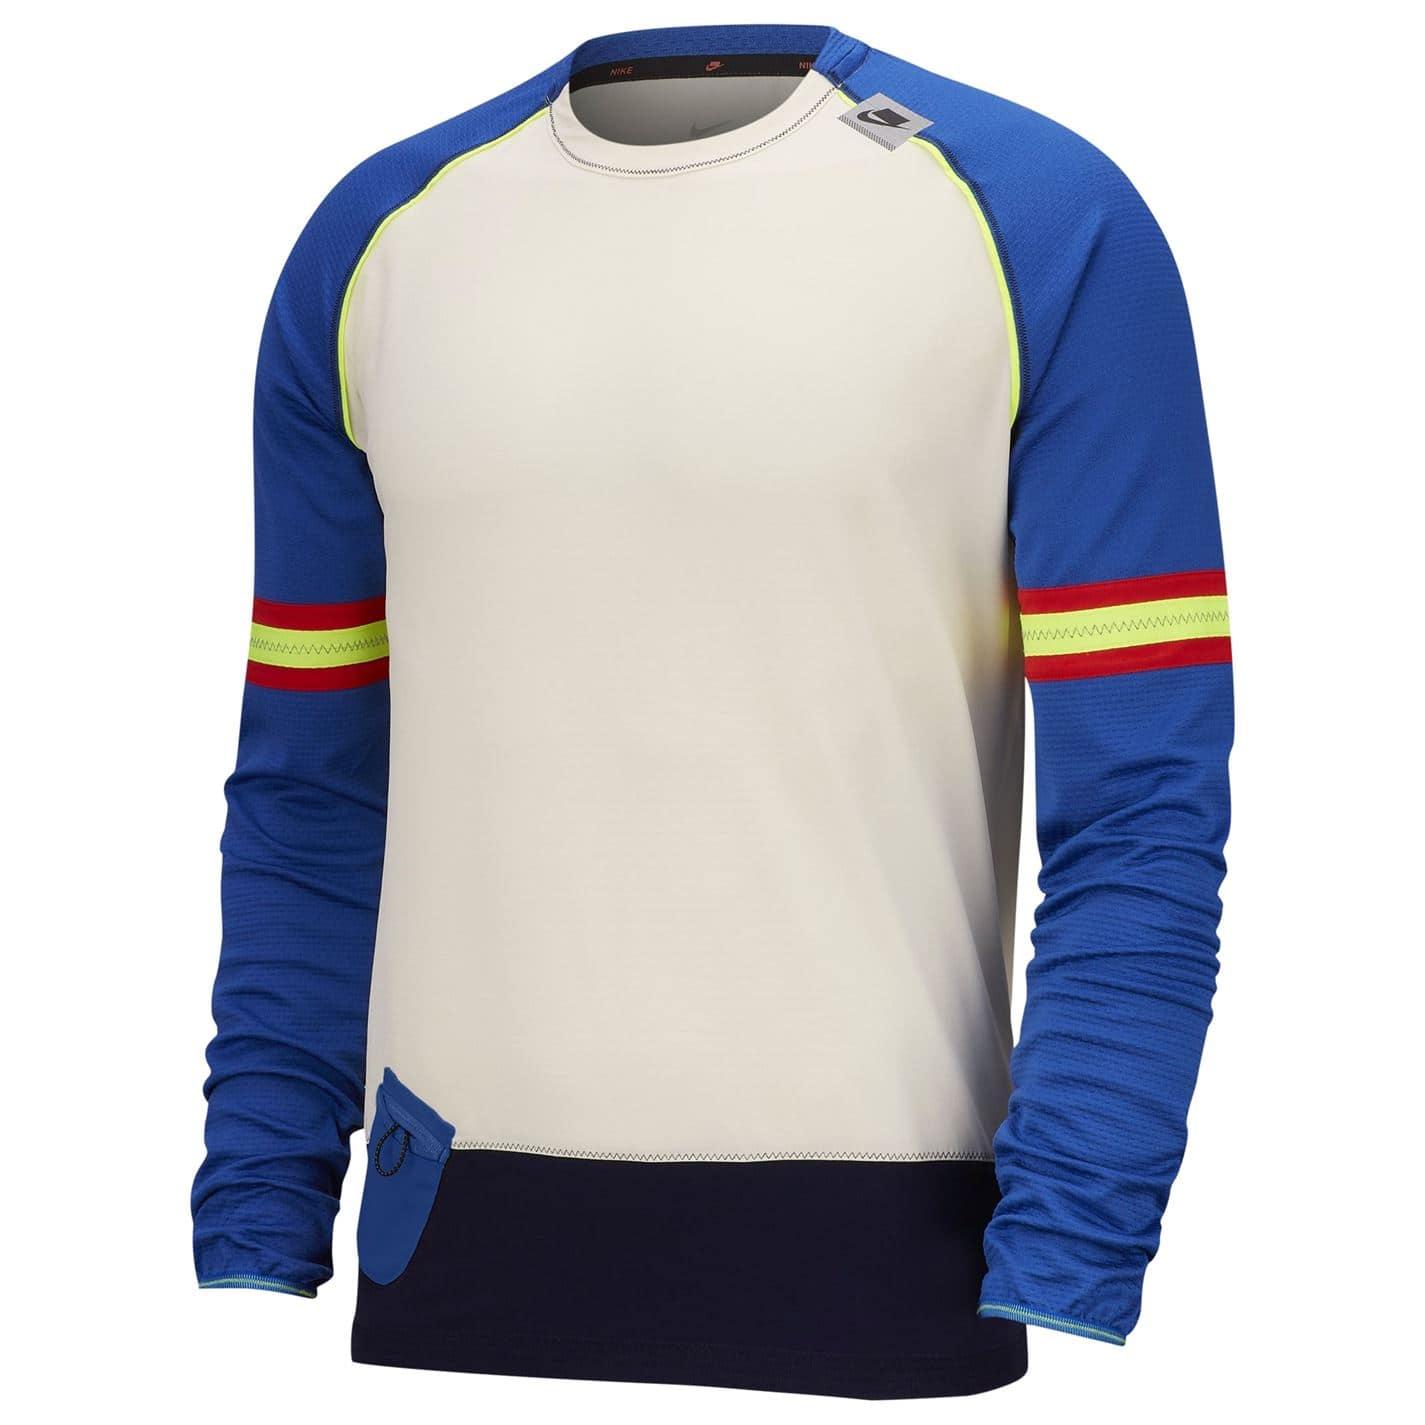 Nike Wild Run Layer T Shirt Mens